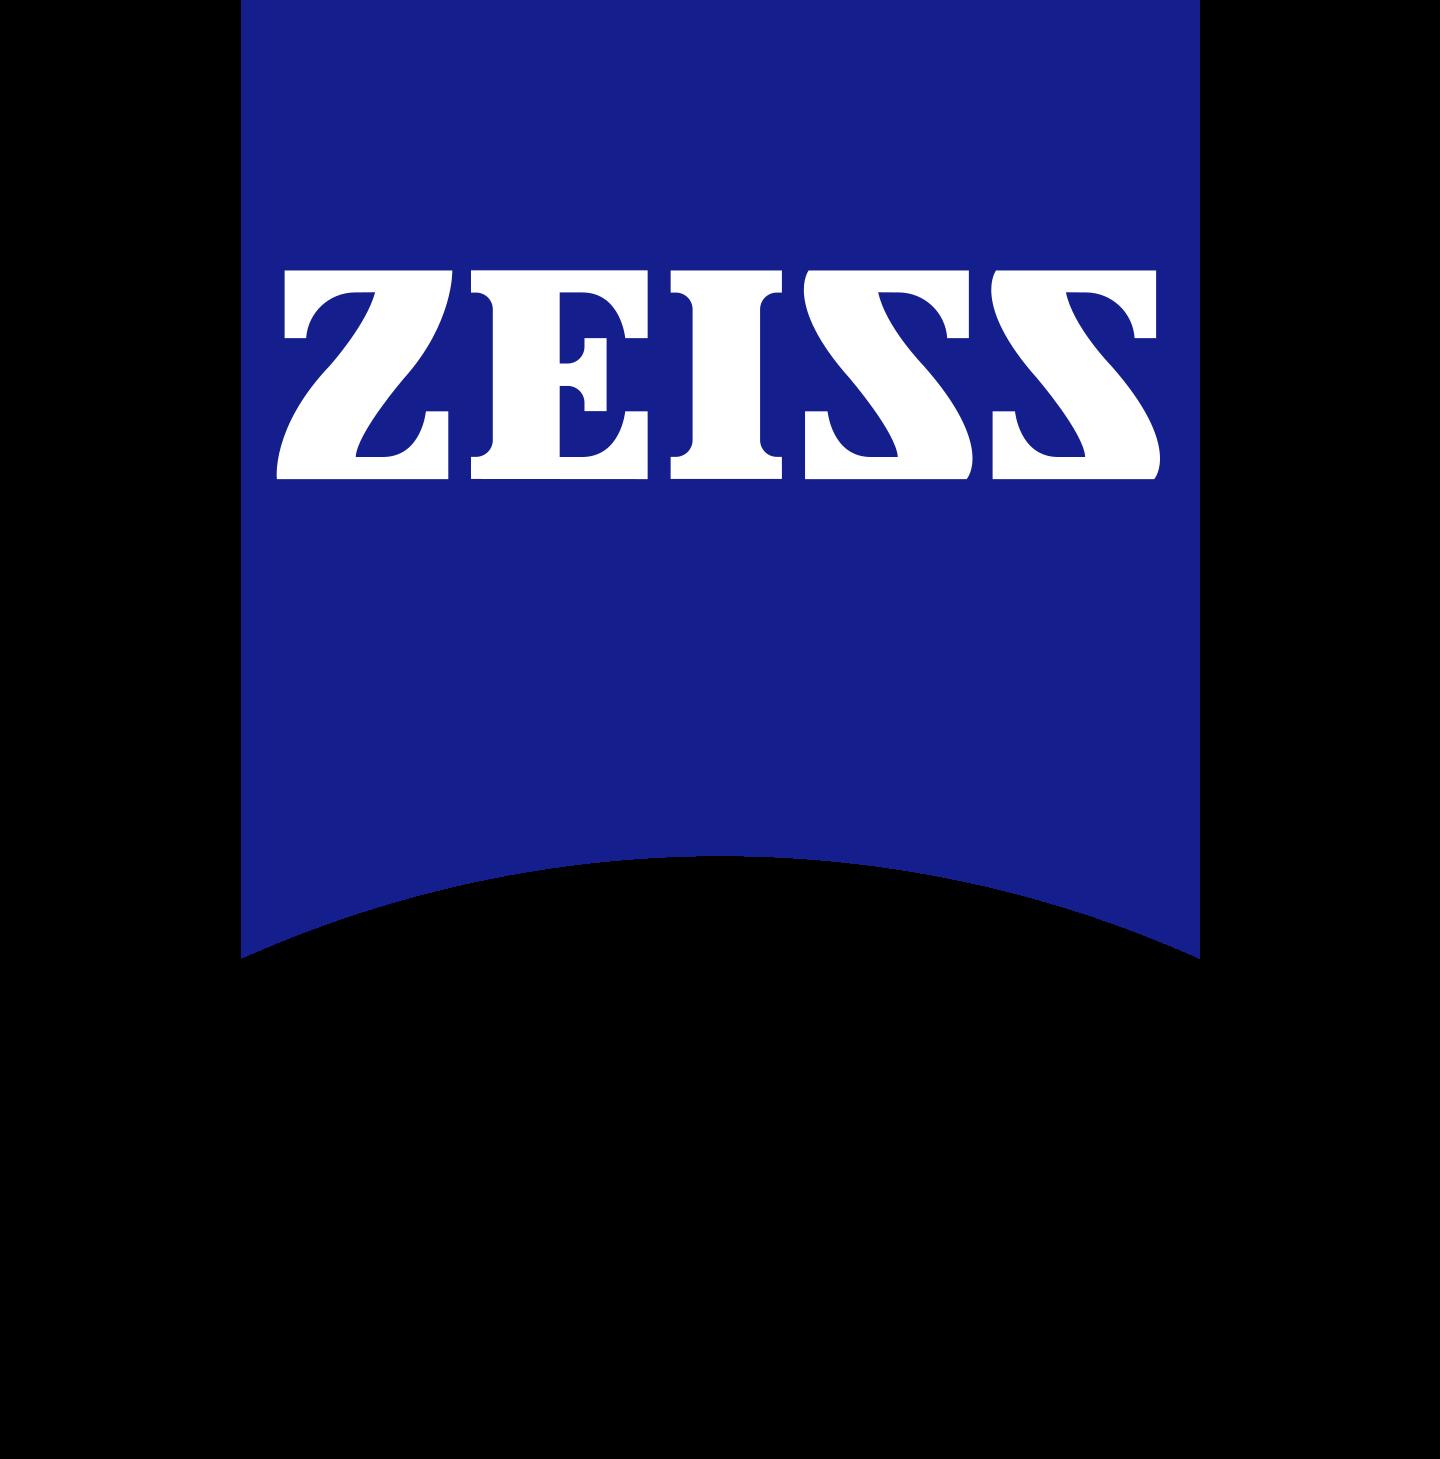 zeiss logo 2 - ZEISS Logo